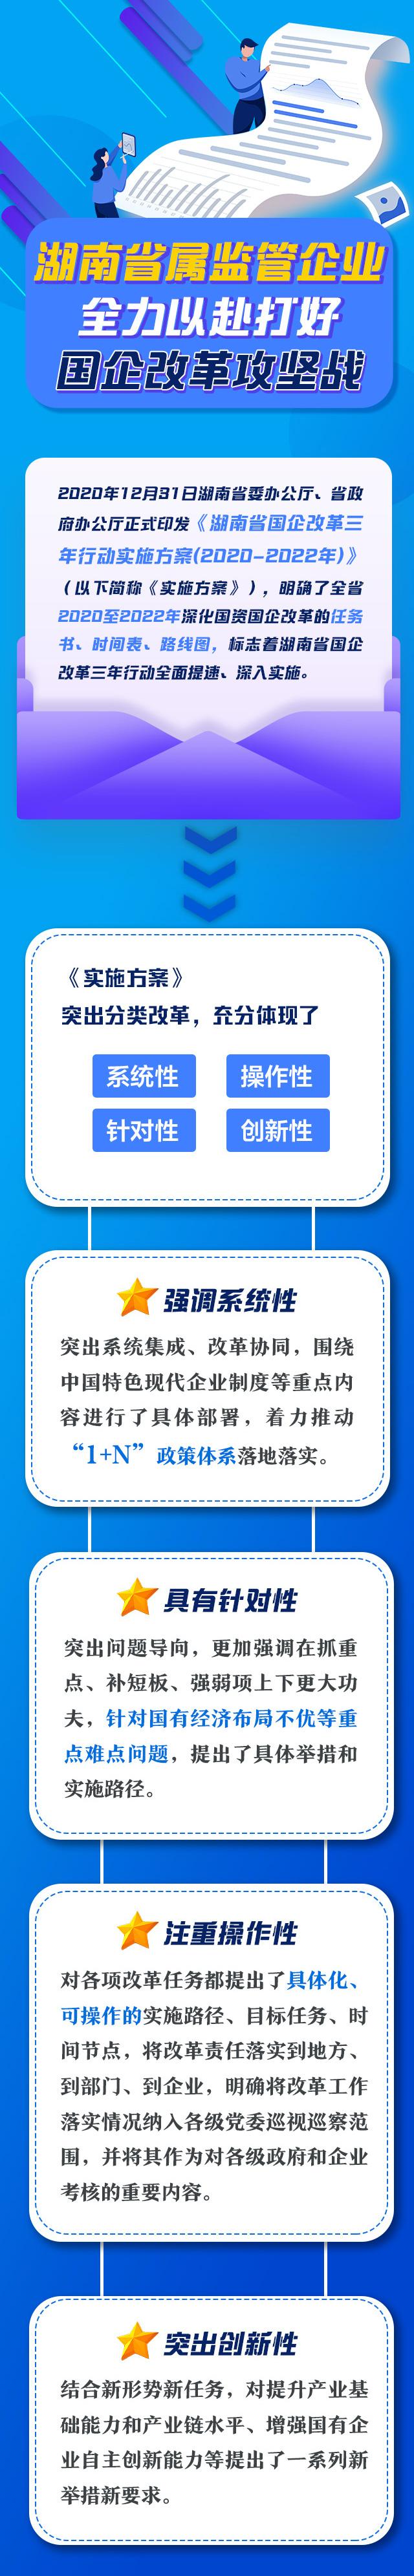 国企改革3-1.jpg